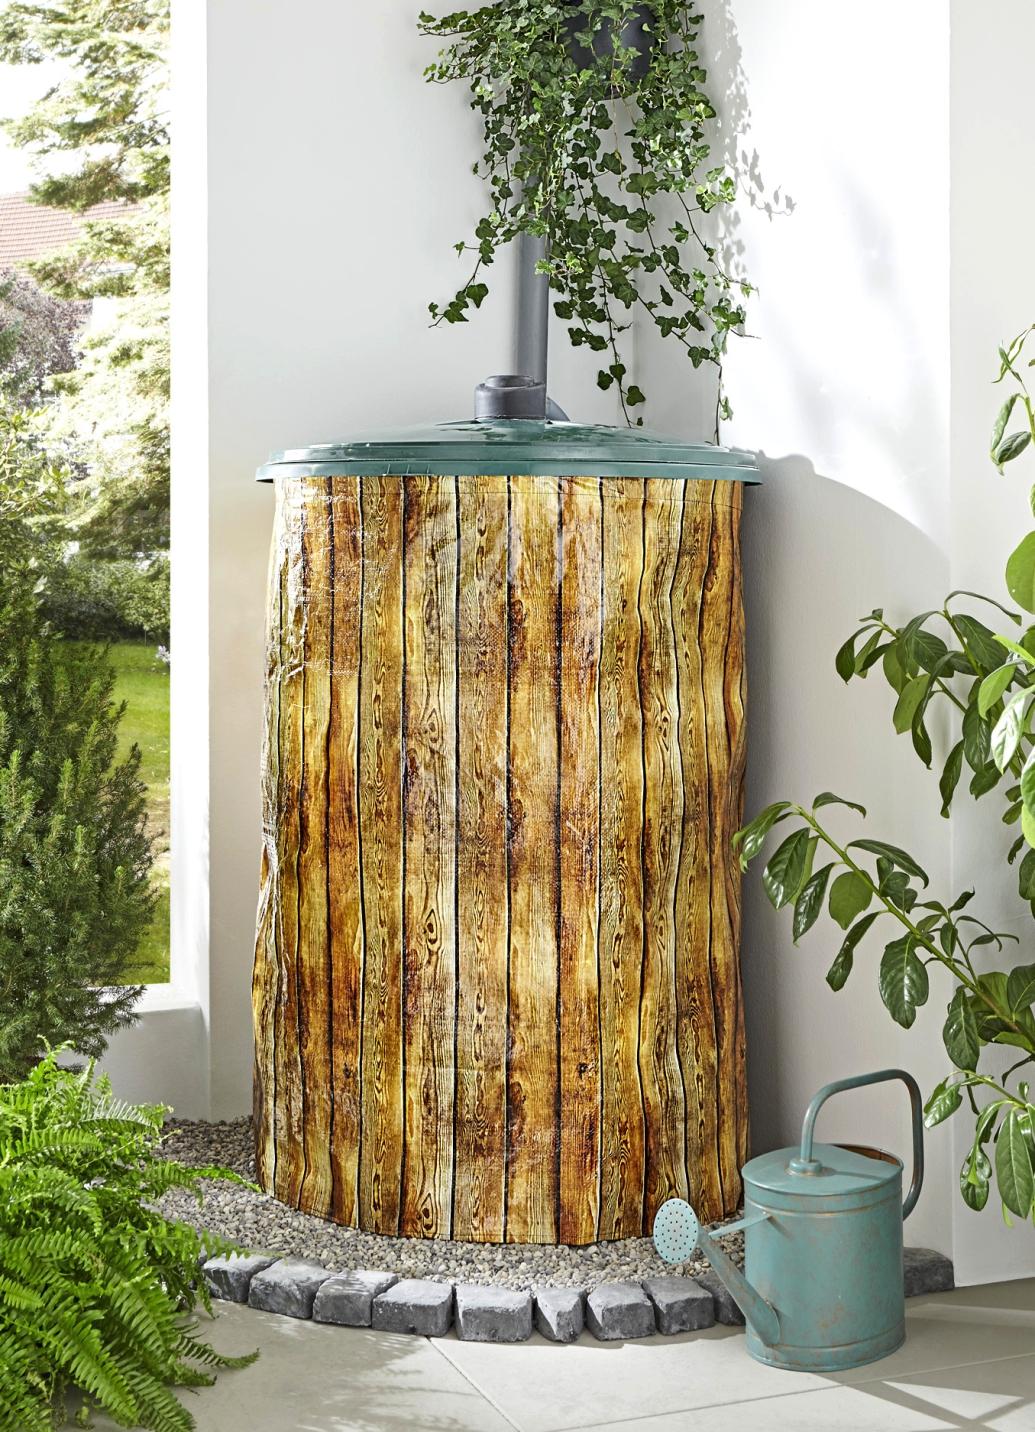 Regentonnen-Hülle - Gartenpflege | Brigitte Hachenburg